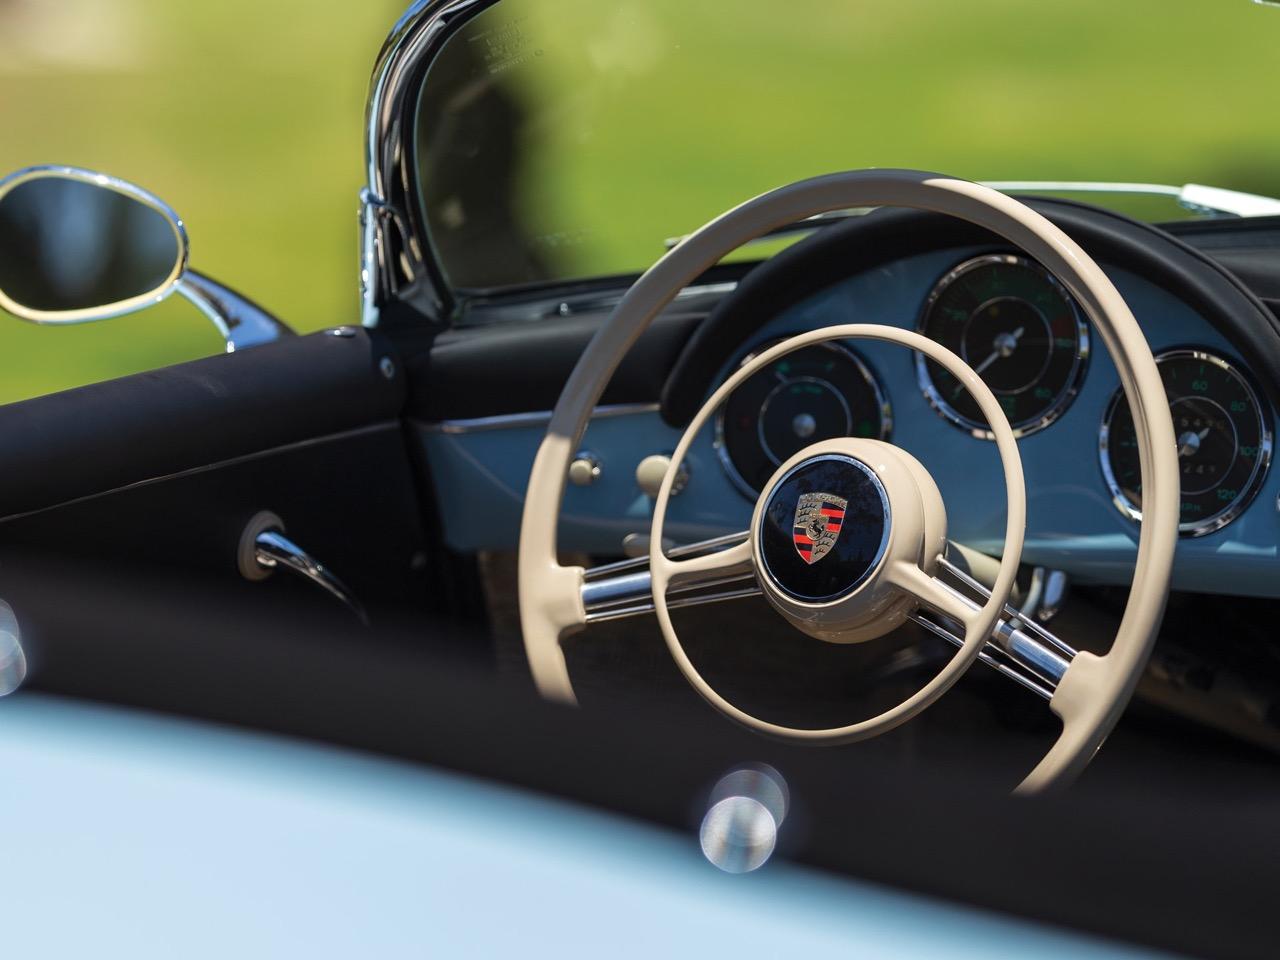 '58 Porsche 356 A 1600 Speedster : Episode 1 ! 32